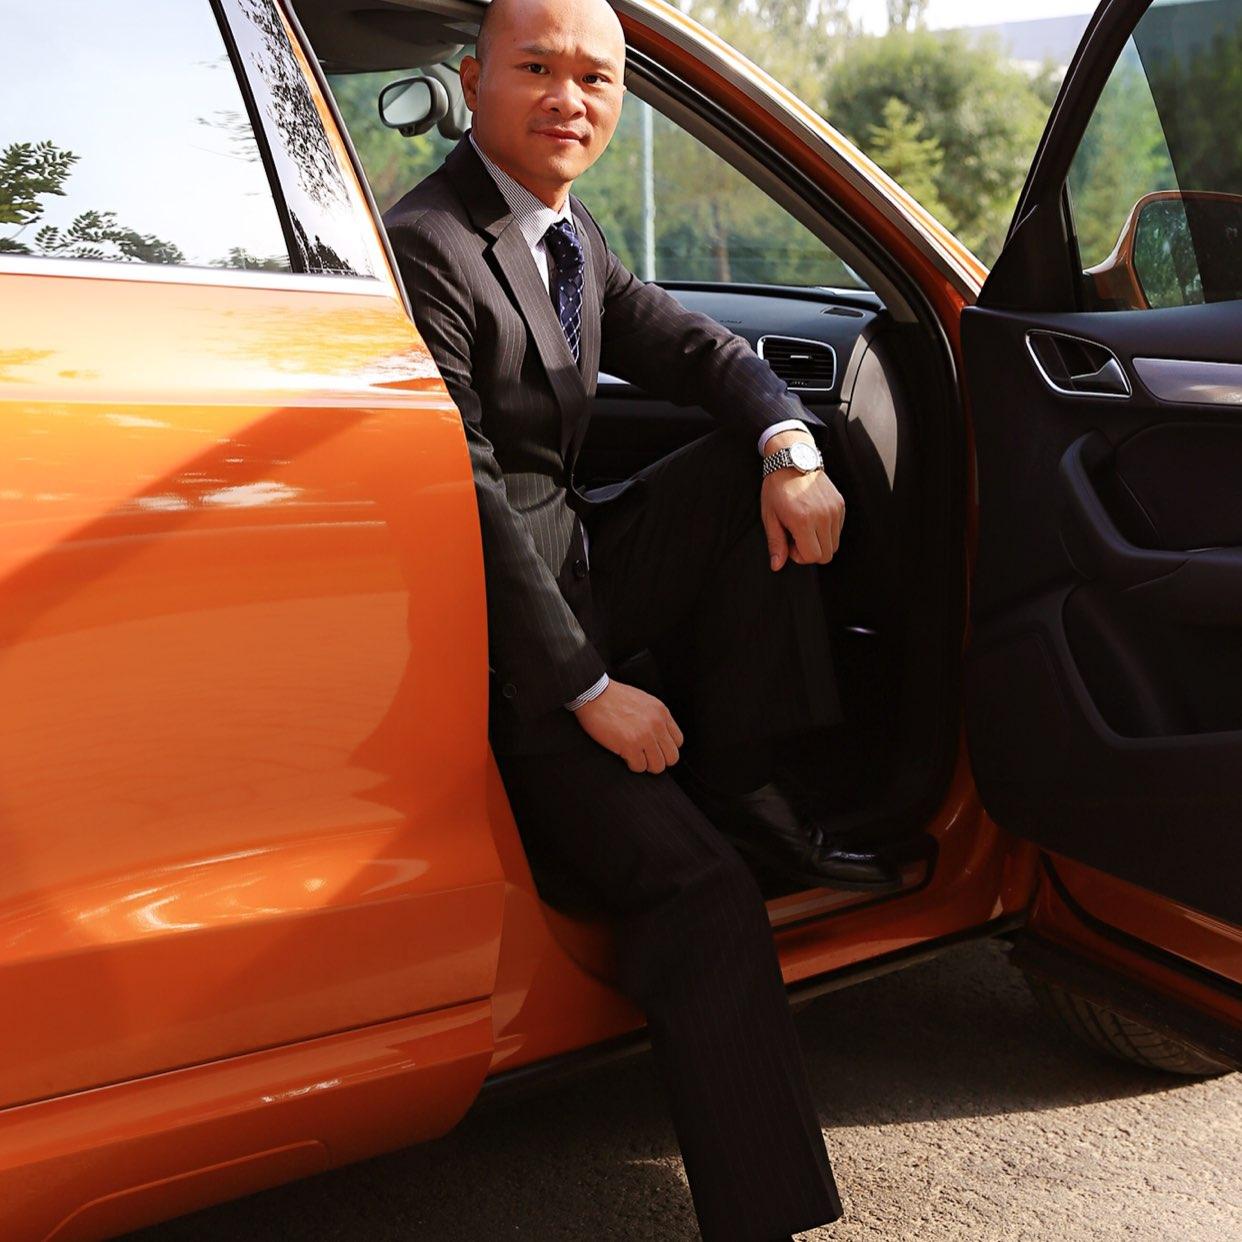 北京凯盛冠华投资有限公司副总万铁河照片